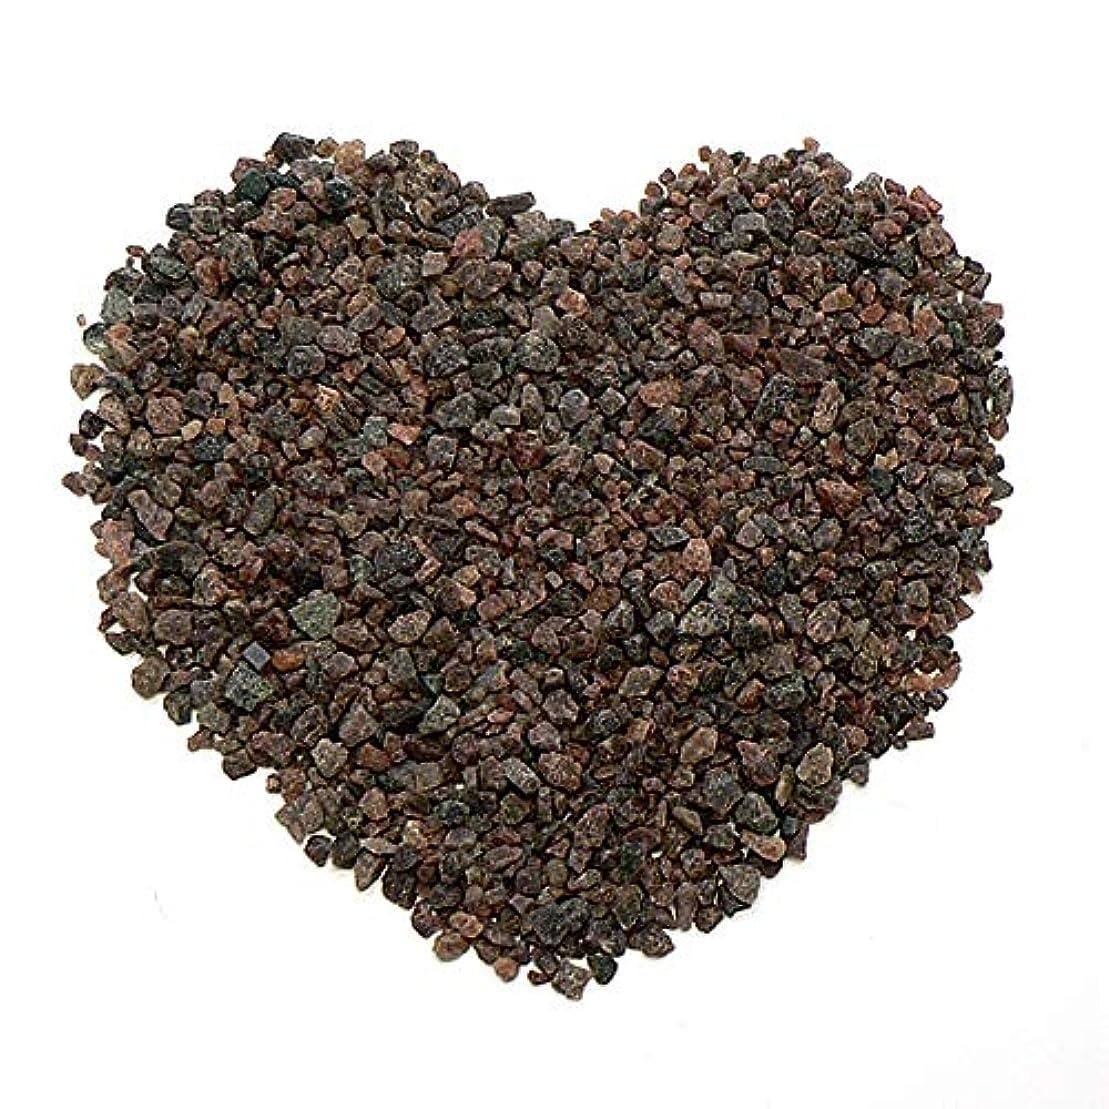 孤独な豊かにする非武装化ヒマラヤ岩塩 ブラックソルト 入浴用 バスソルト(小粒)2kg 黒岩塩 ブラック岩塩